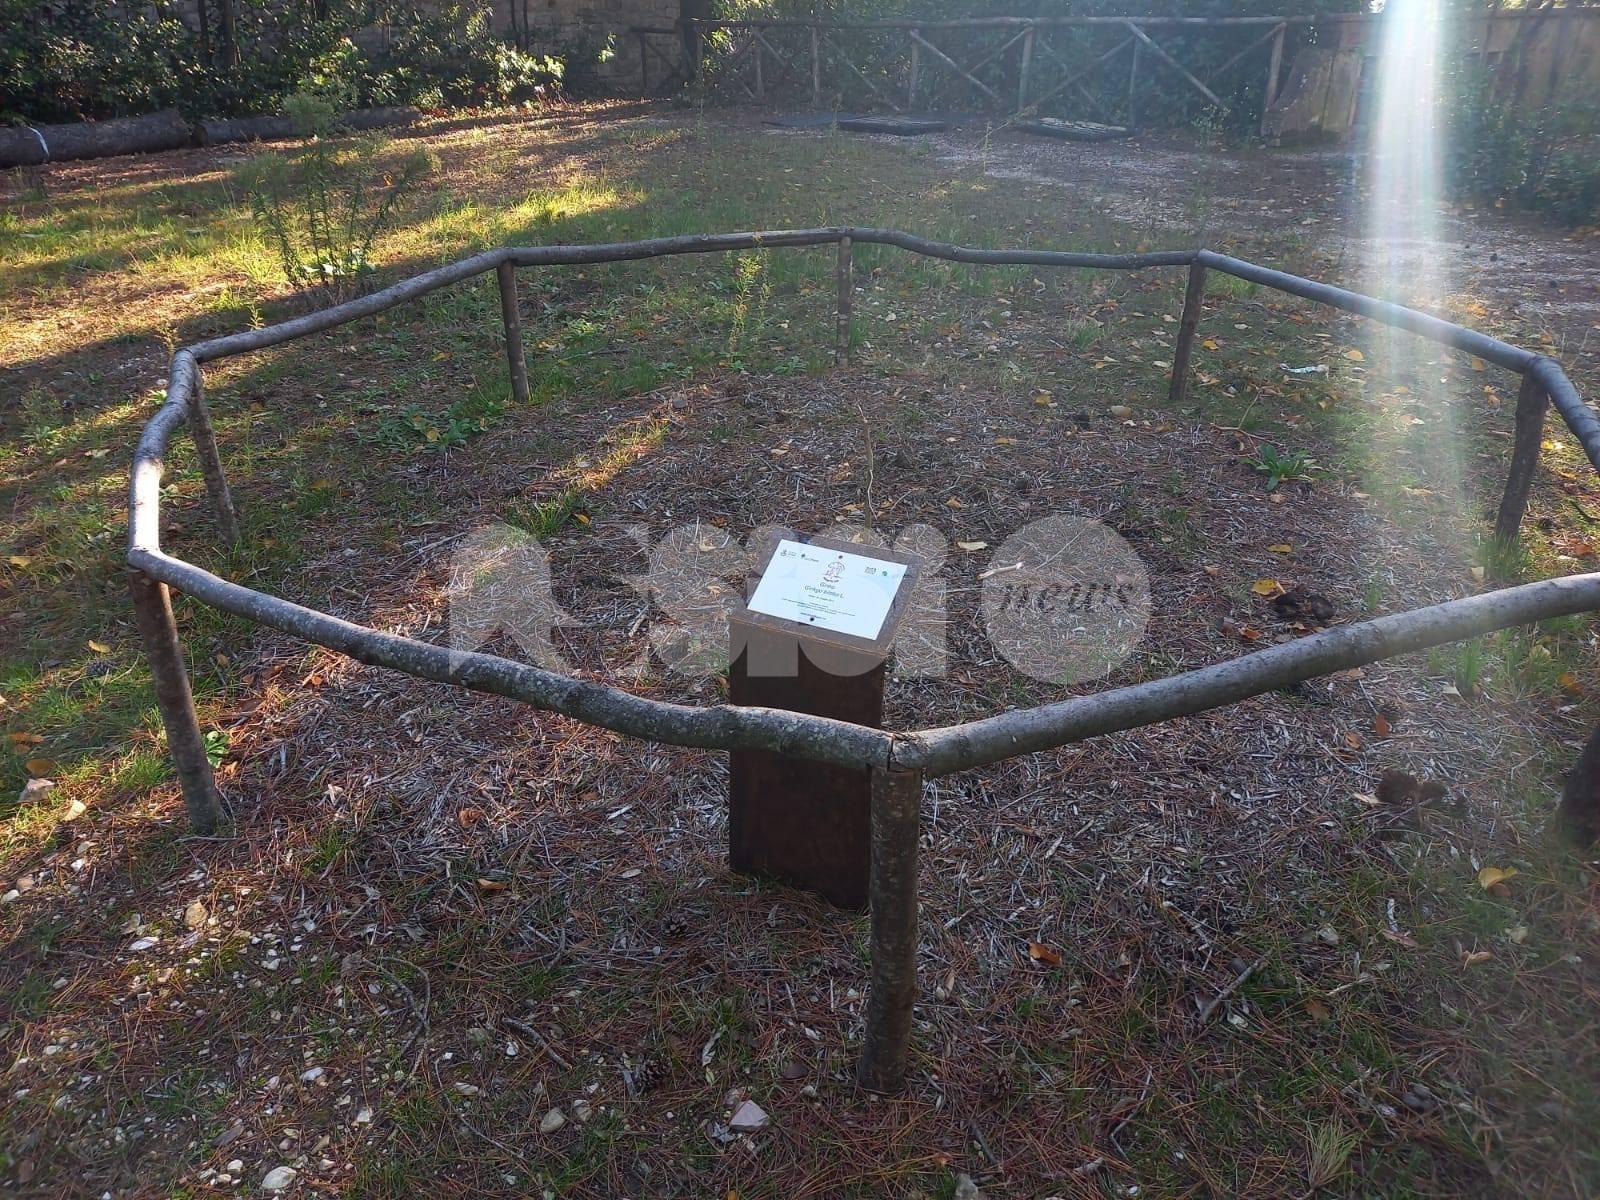 Danneggiato da ignoti il ginkgo biloba piantato al Pincio di Assisi